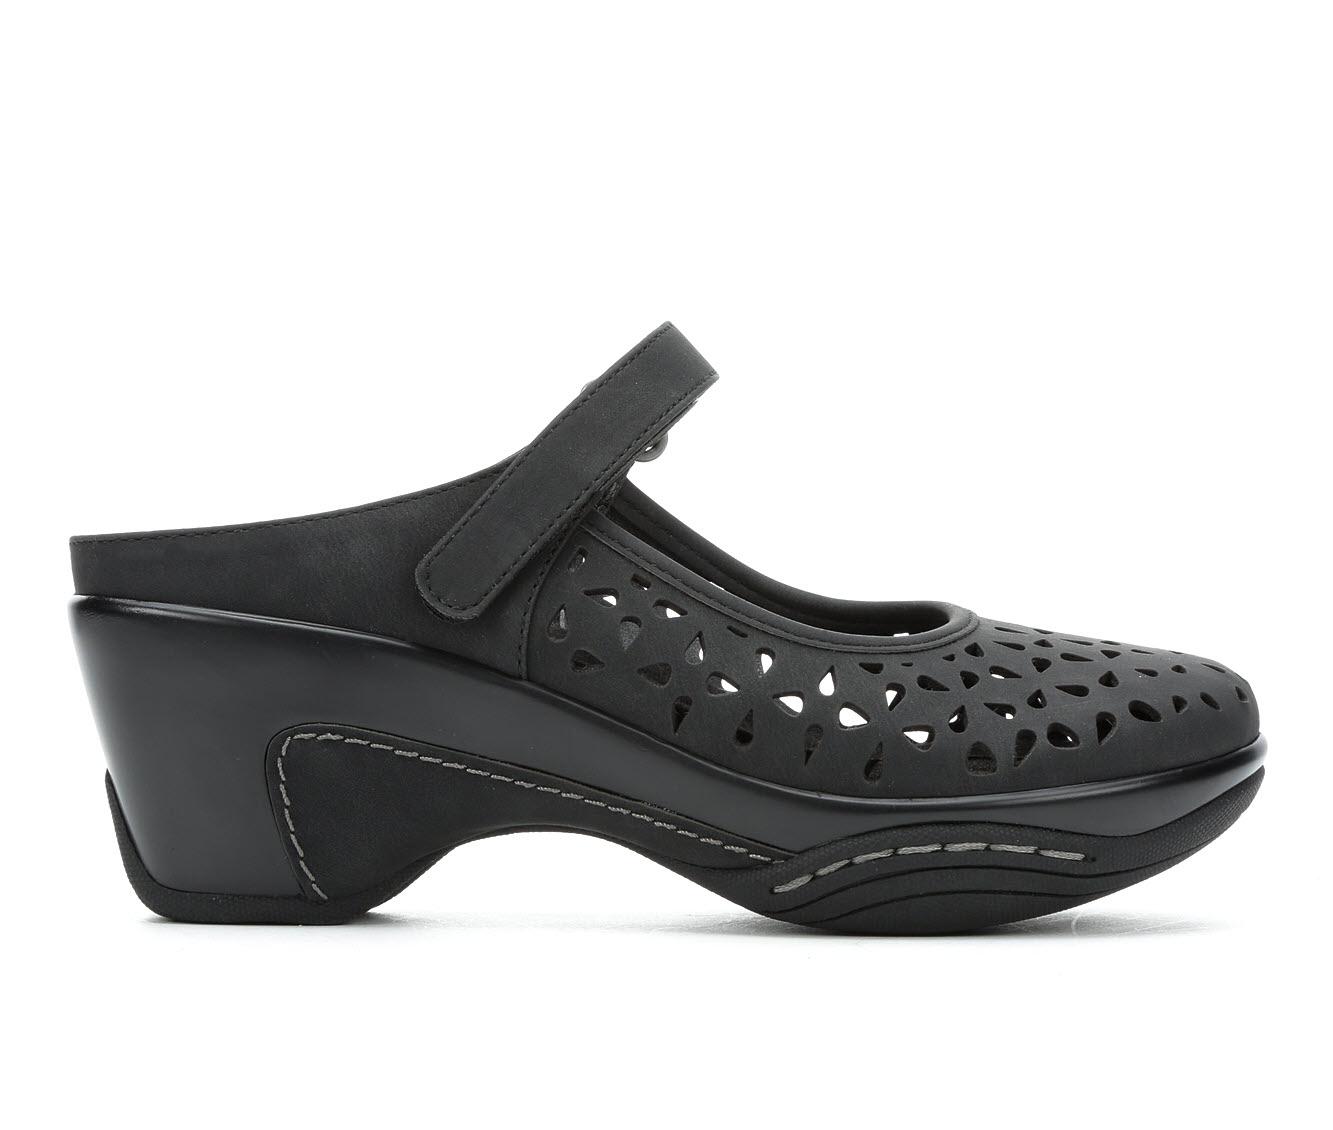 Solanz Vespa Women's Shoe (Black Faux Leather)